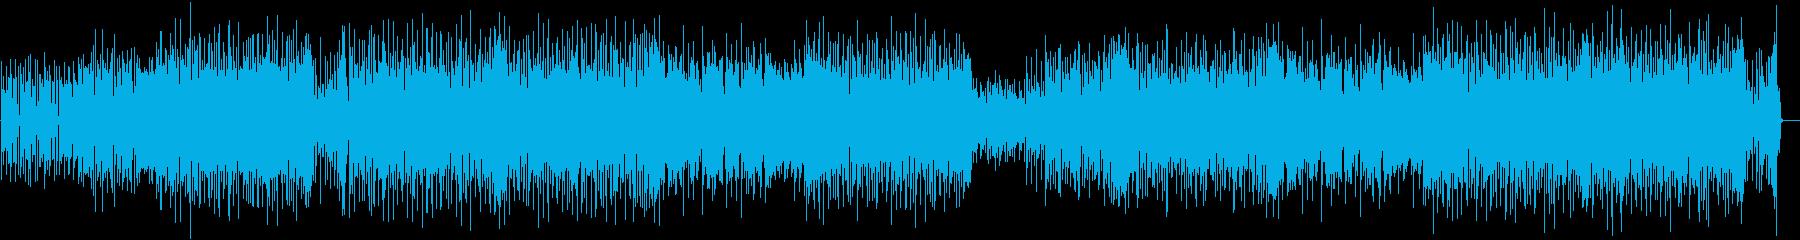 おしゃれで都会的なディスコ風BGMの再生済みの波形